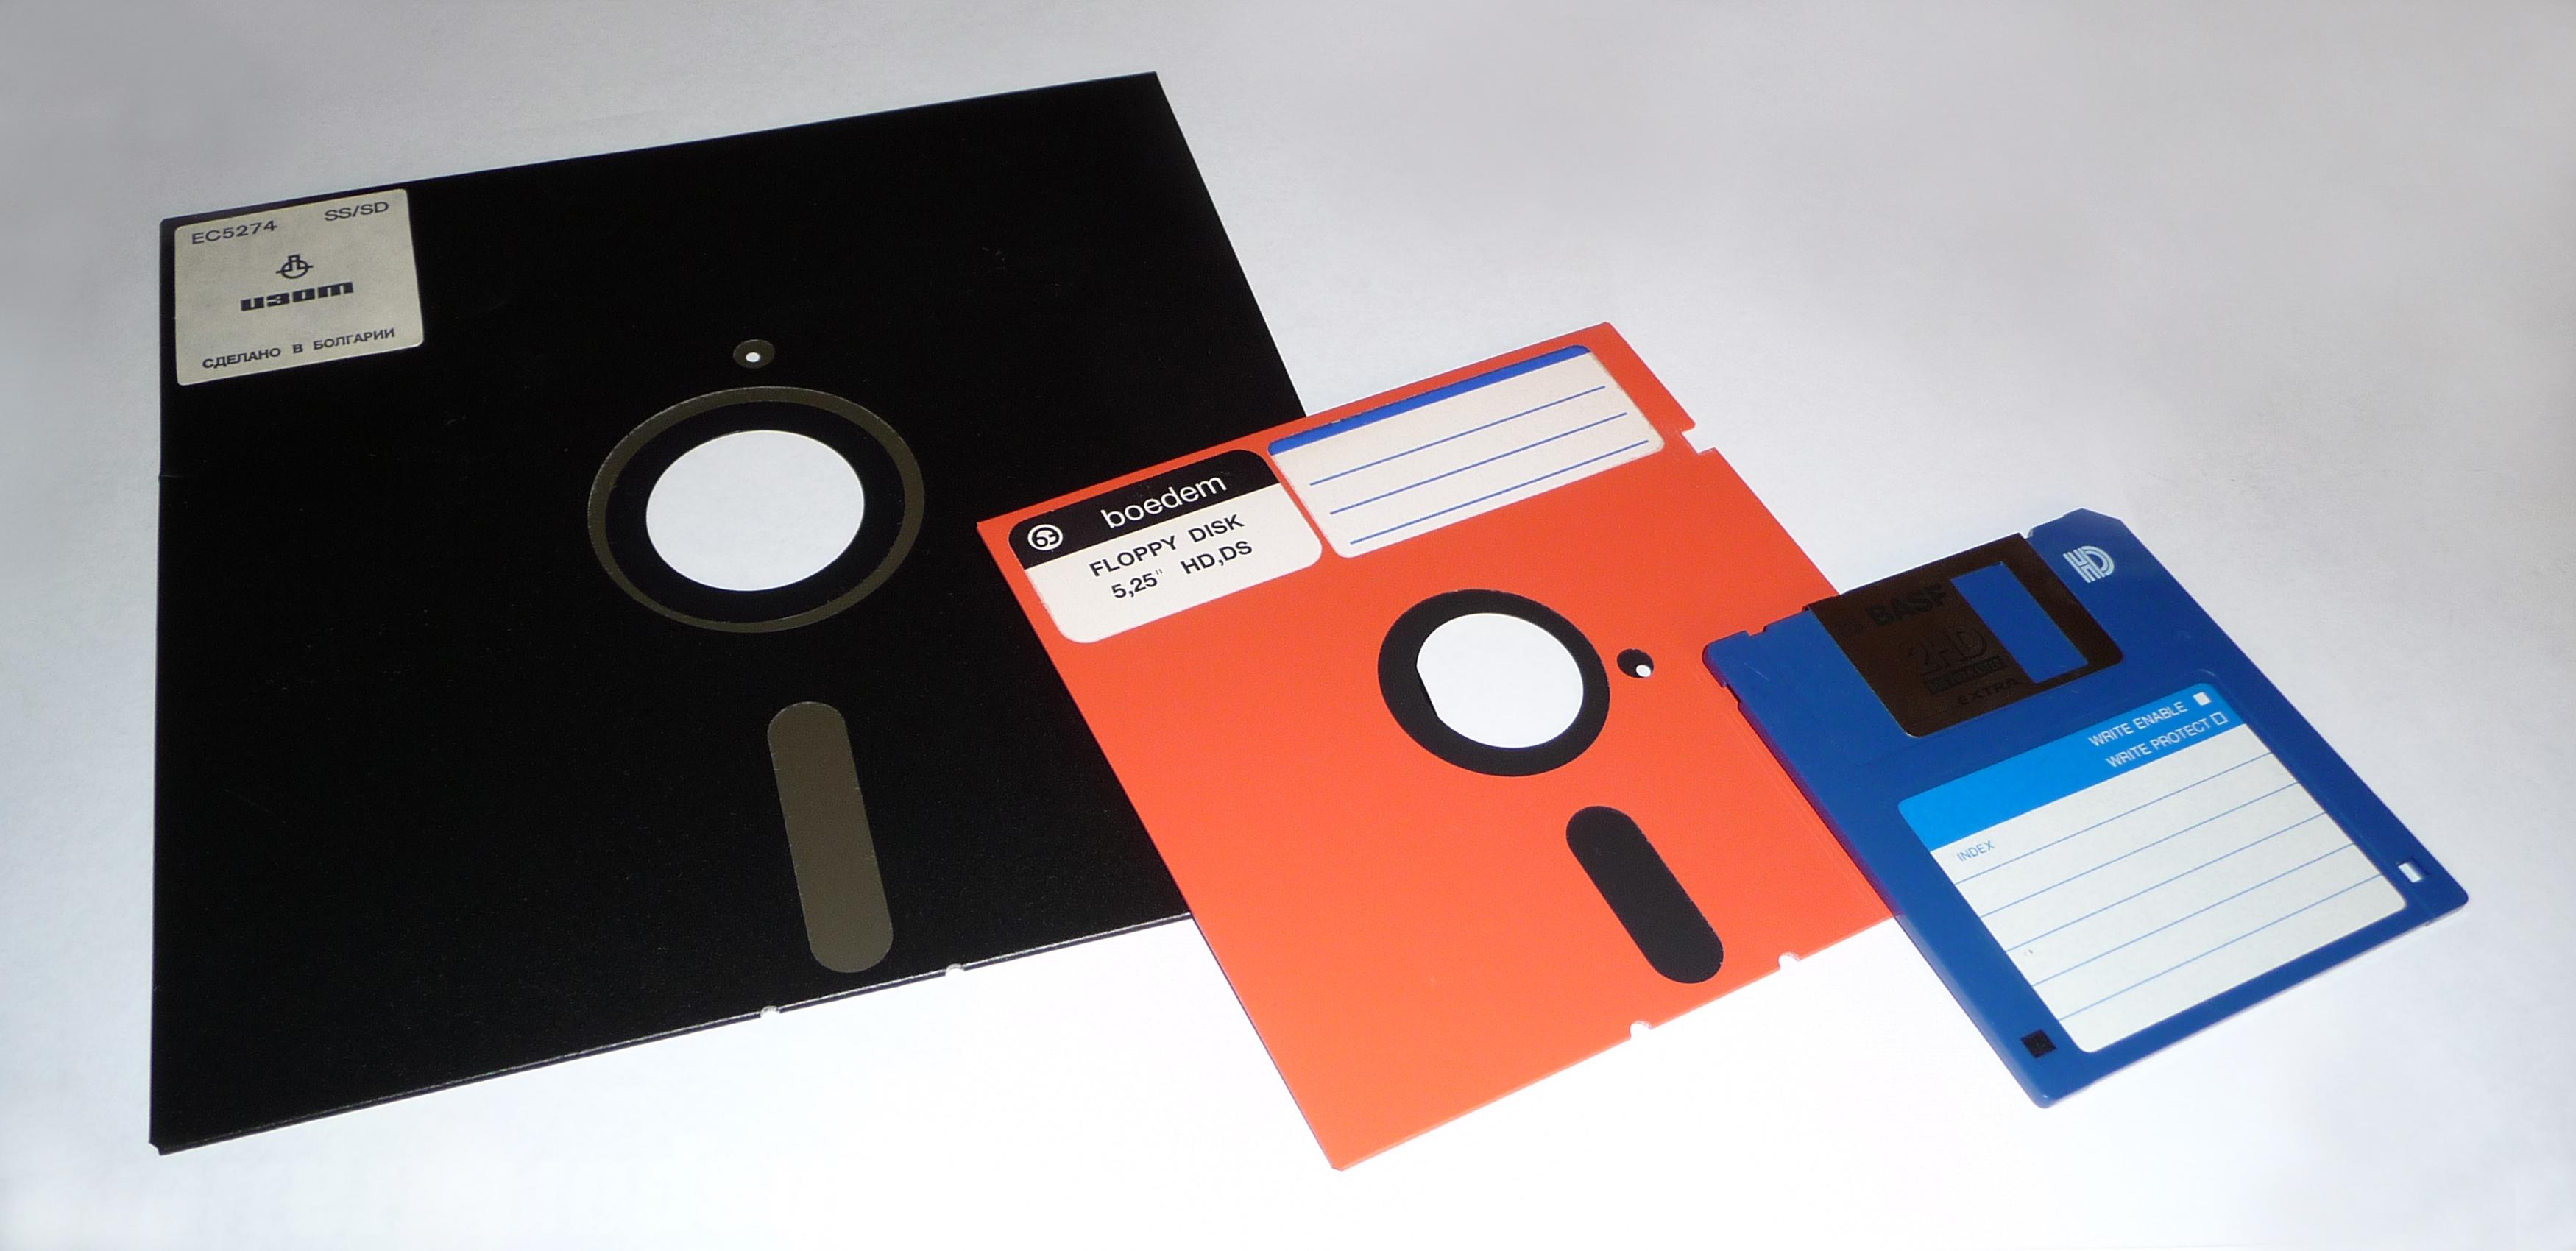 Stel: je archief bevat dragers als cd-roms, floppy's, dvd's en externe harde schijven. Als je deze zonder meer bewaart, is de kans groot dat de opgeslagen bestanden op termijn onleesbaar worden. Na verloop van tijd verslechteren of verslijten de dragers, bv. door bitrot. De kans is bovendien groot dat de hardware (en bijhorende software) om de drager te lezen onvindbaar wordt. Het beste wat je kan doen is de bestanden naar een betrouwbaar opslagsysteem kopiëren met zo min mogelijk wijzigingen. Hoe ga je daarbij te werk?